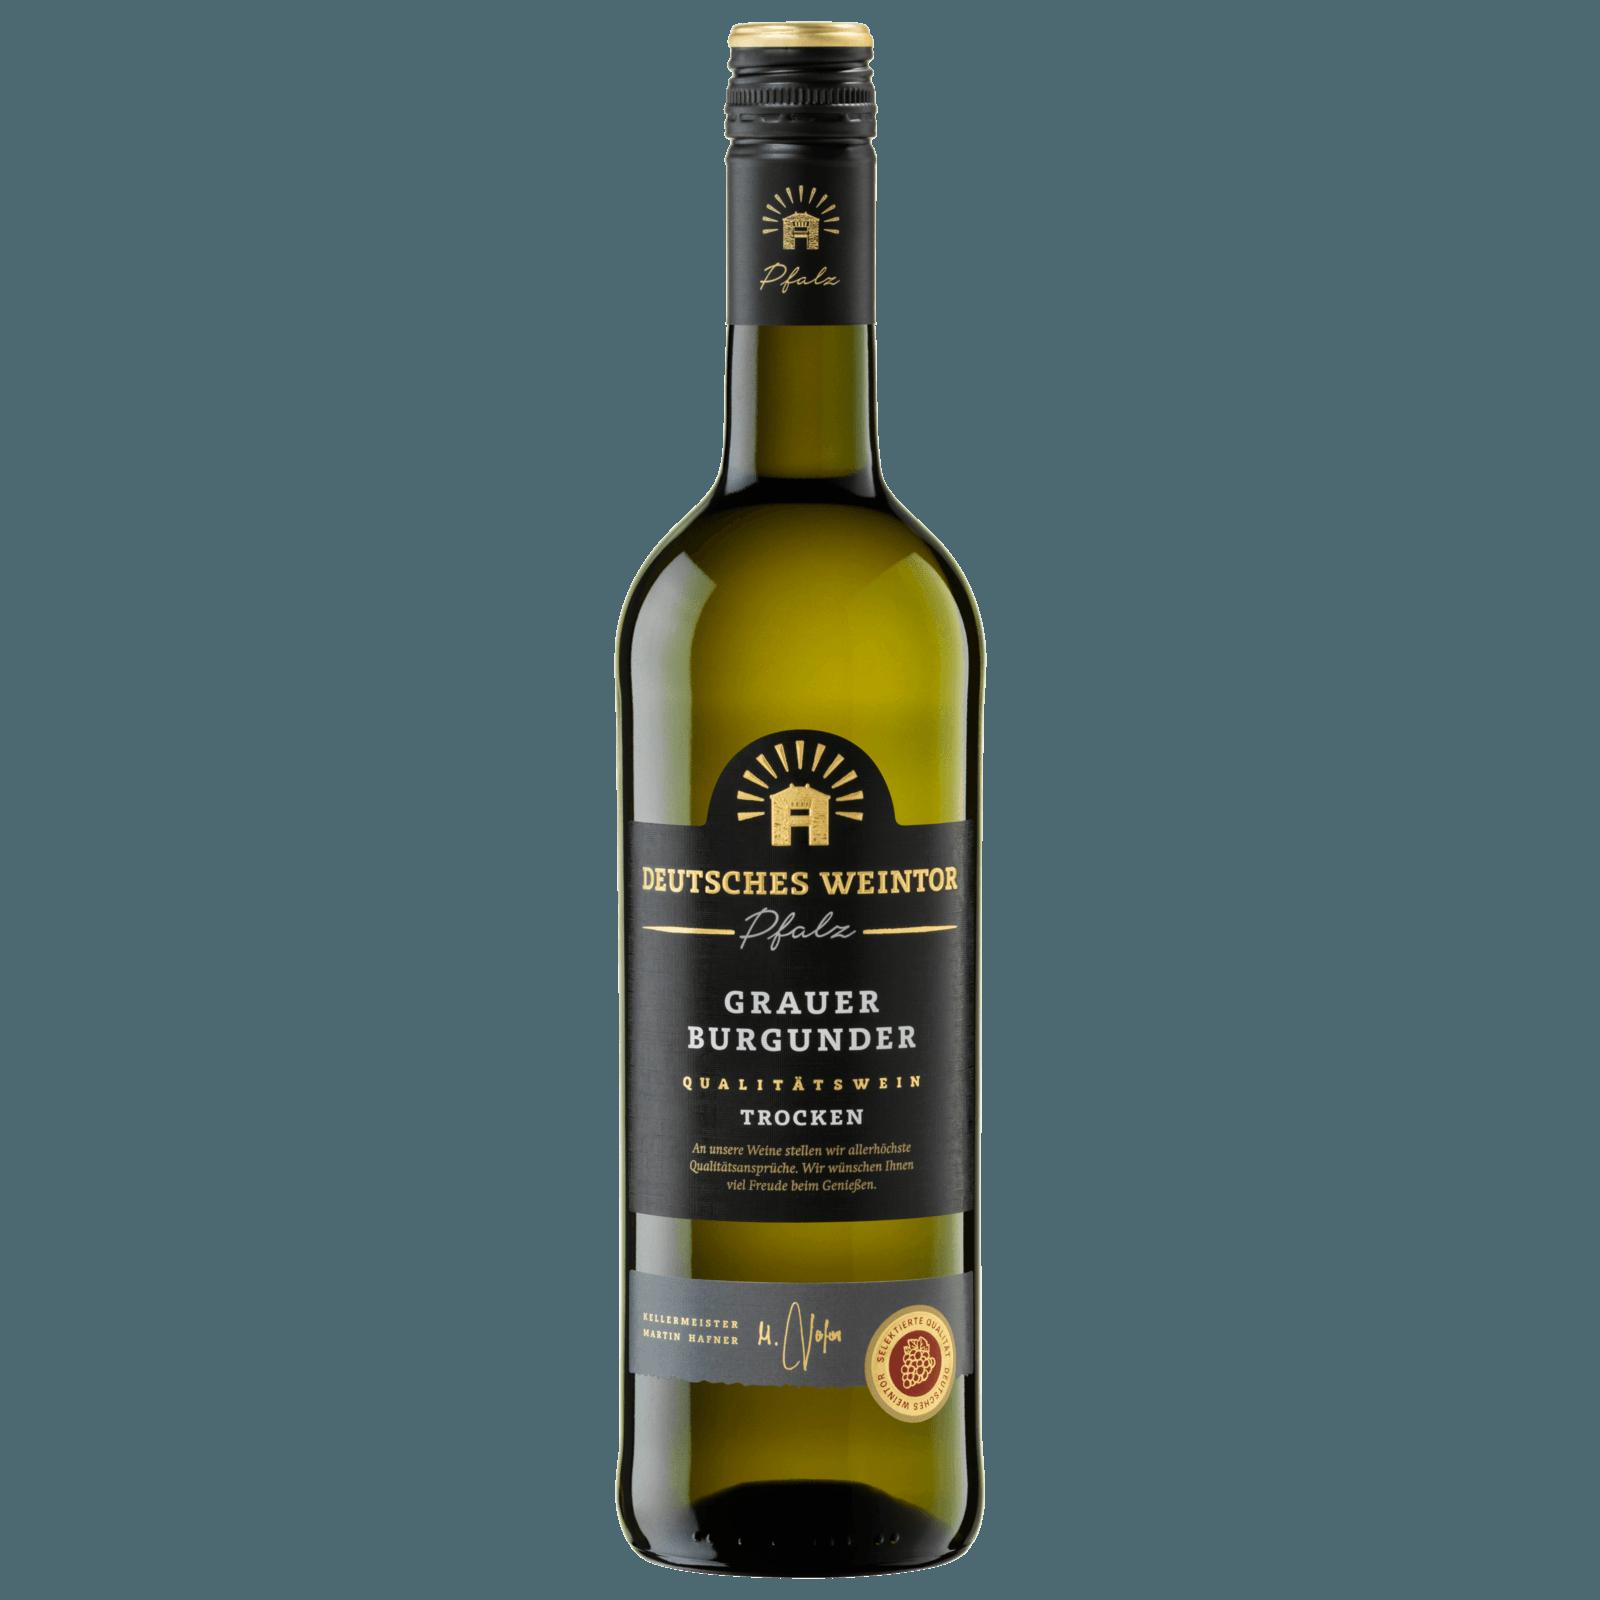 Deutsches Weintor Weißwein Grauer Burgunder trocken 0,75l